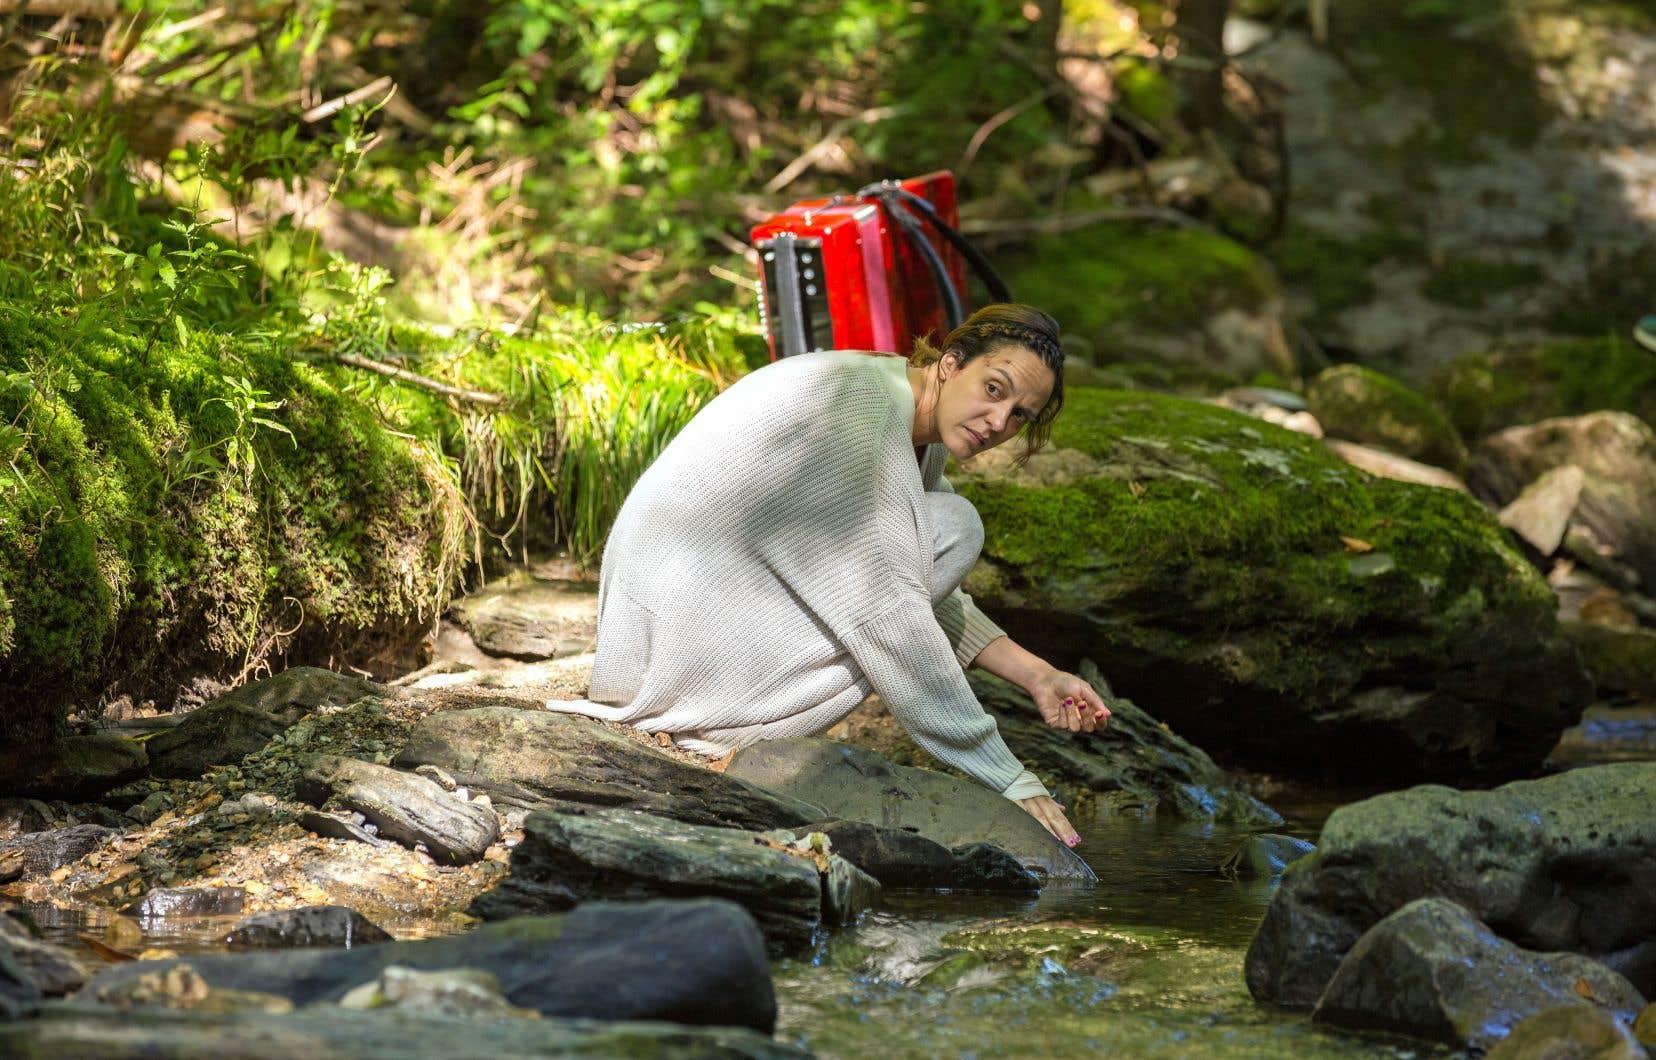 «Les affamés», avec Monia Chokri (notre photo), figure parmi les quatre productions québécoises sur sept films canadiens en lice dans la catégorie du meilleur film.